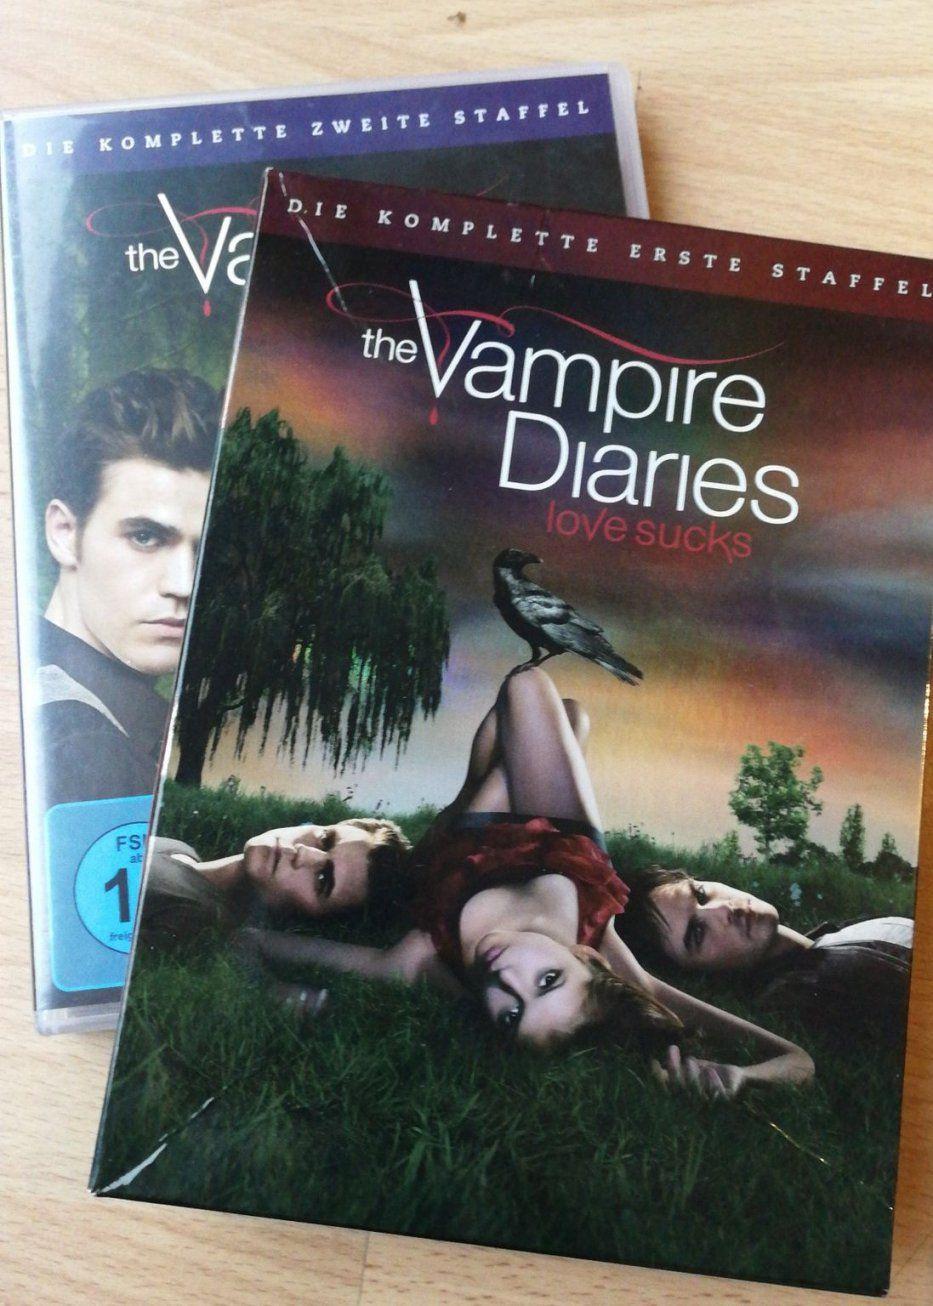 Vampirediariesstaffel1223617ce1 Von Vampire Diaries Bettwäsche Photo